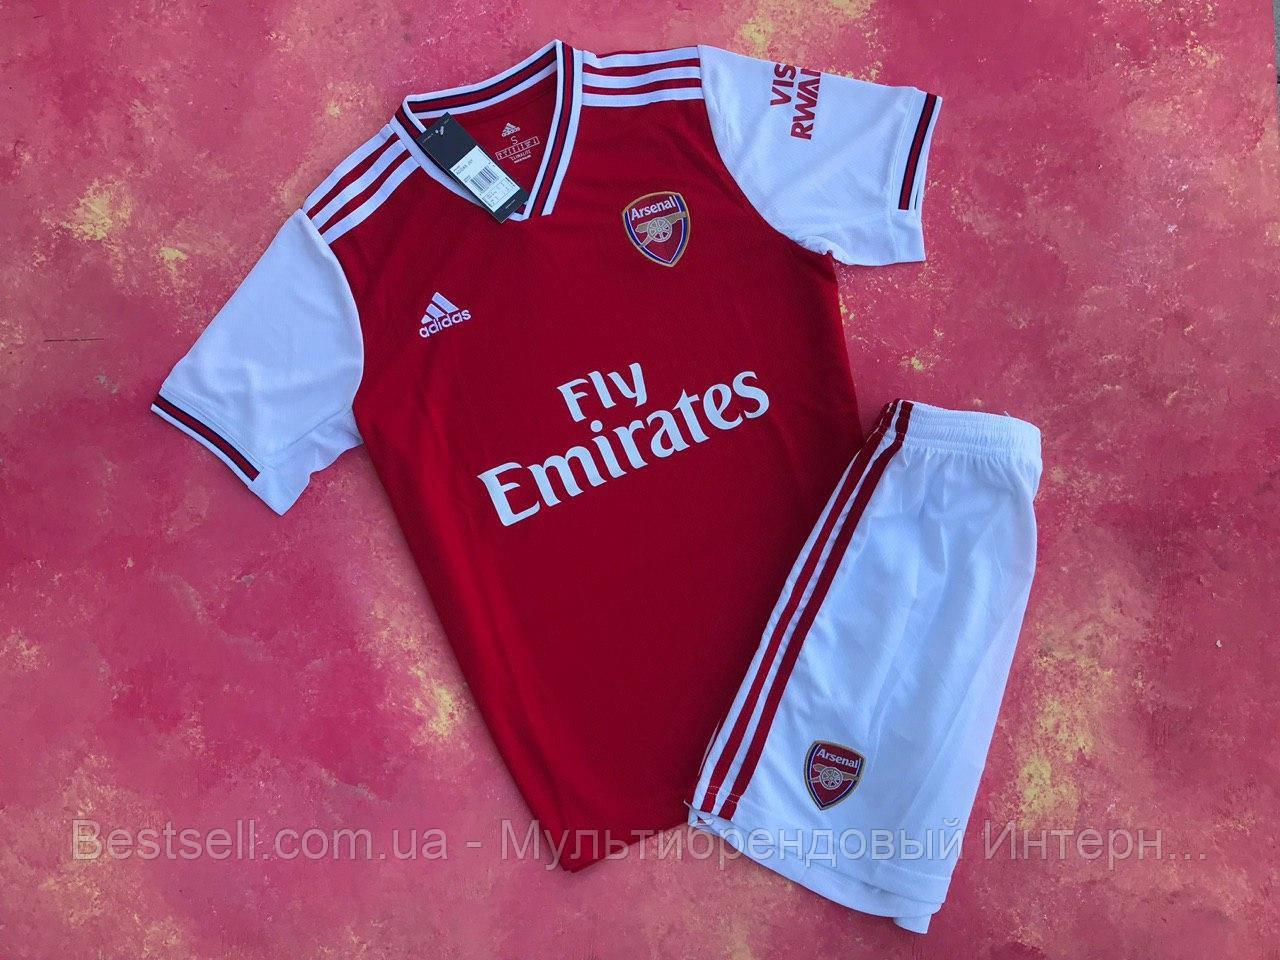 Футбольная форма ФК Арсенал (Arsenal)